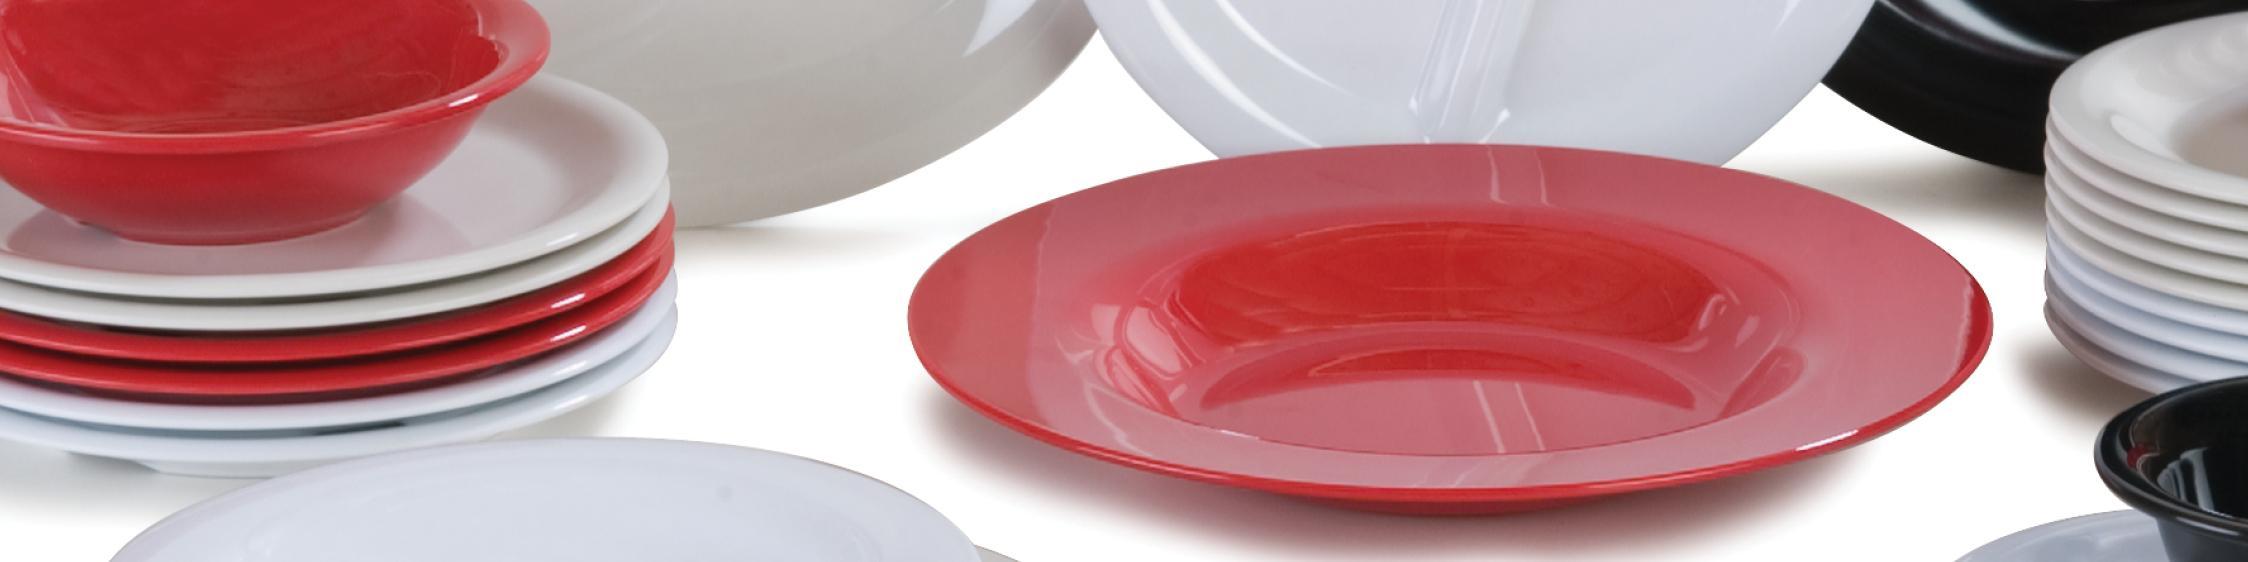 Sierrus banner & Sierrus™ Dinnerware | Carlisle FoodService Products